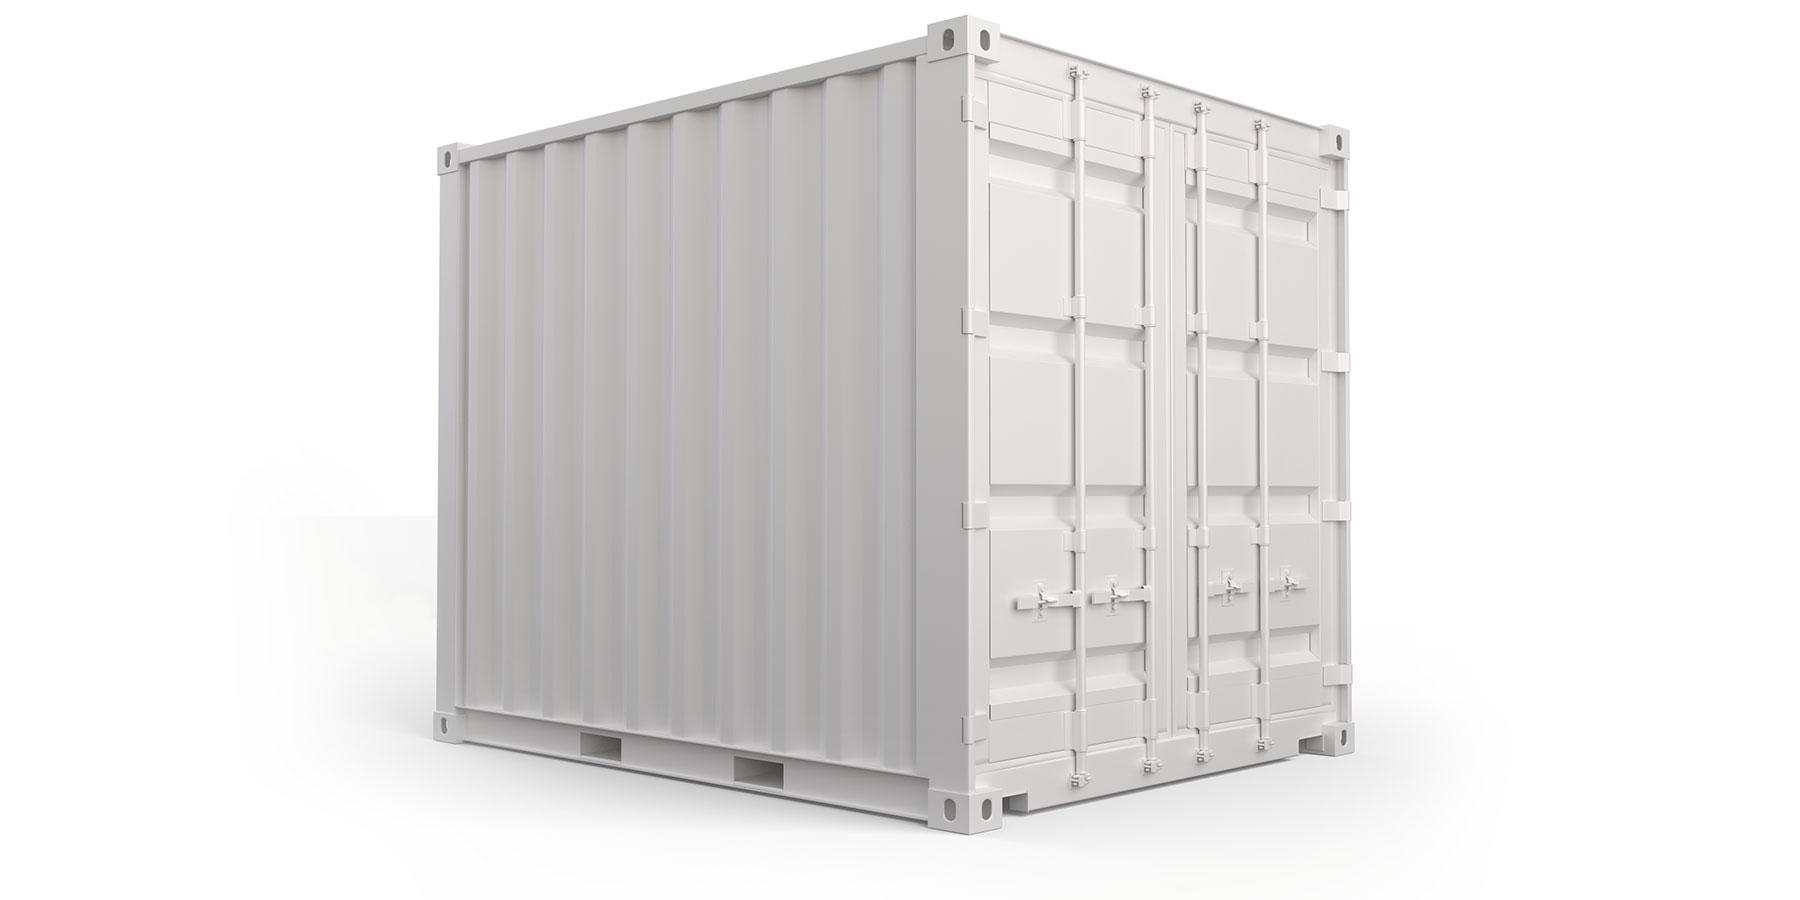 Container lej lck